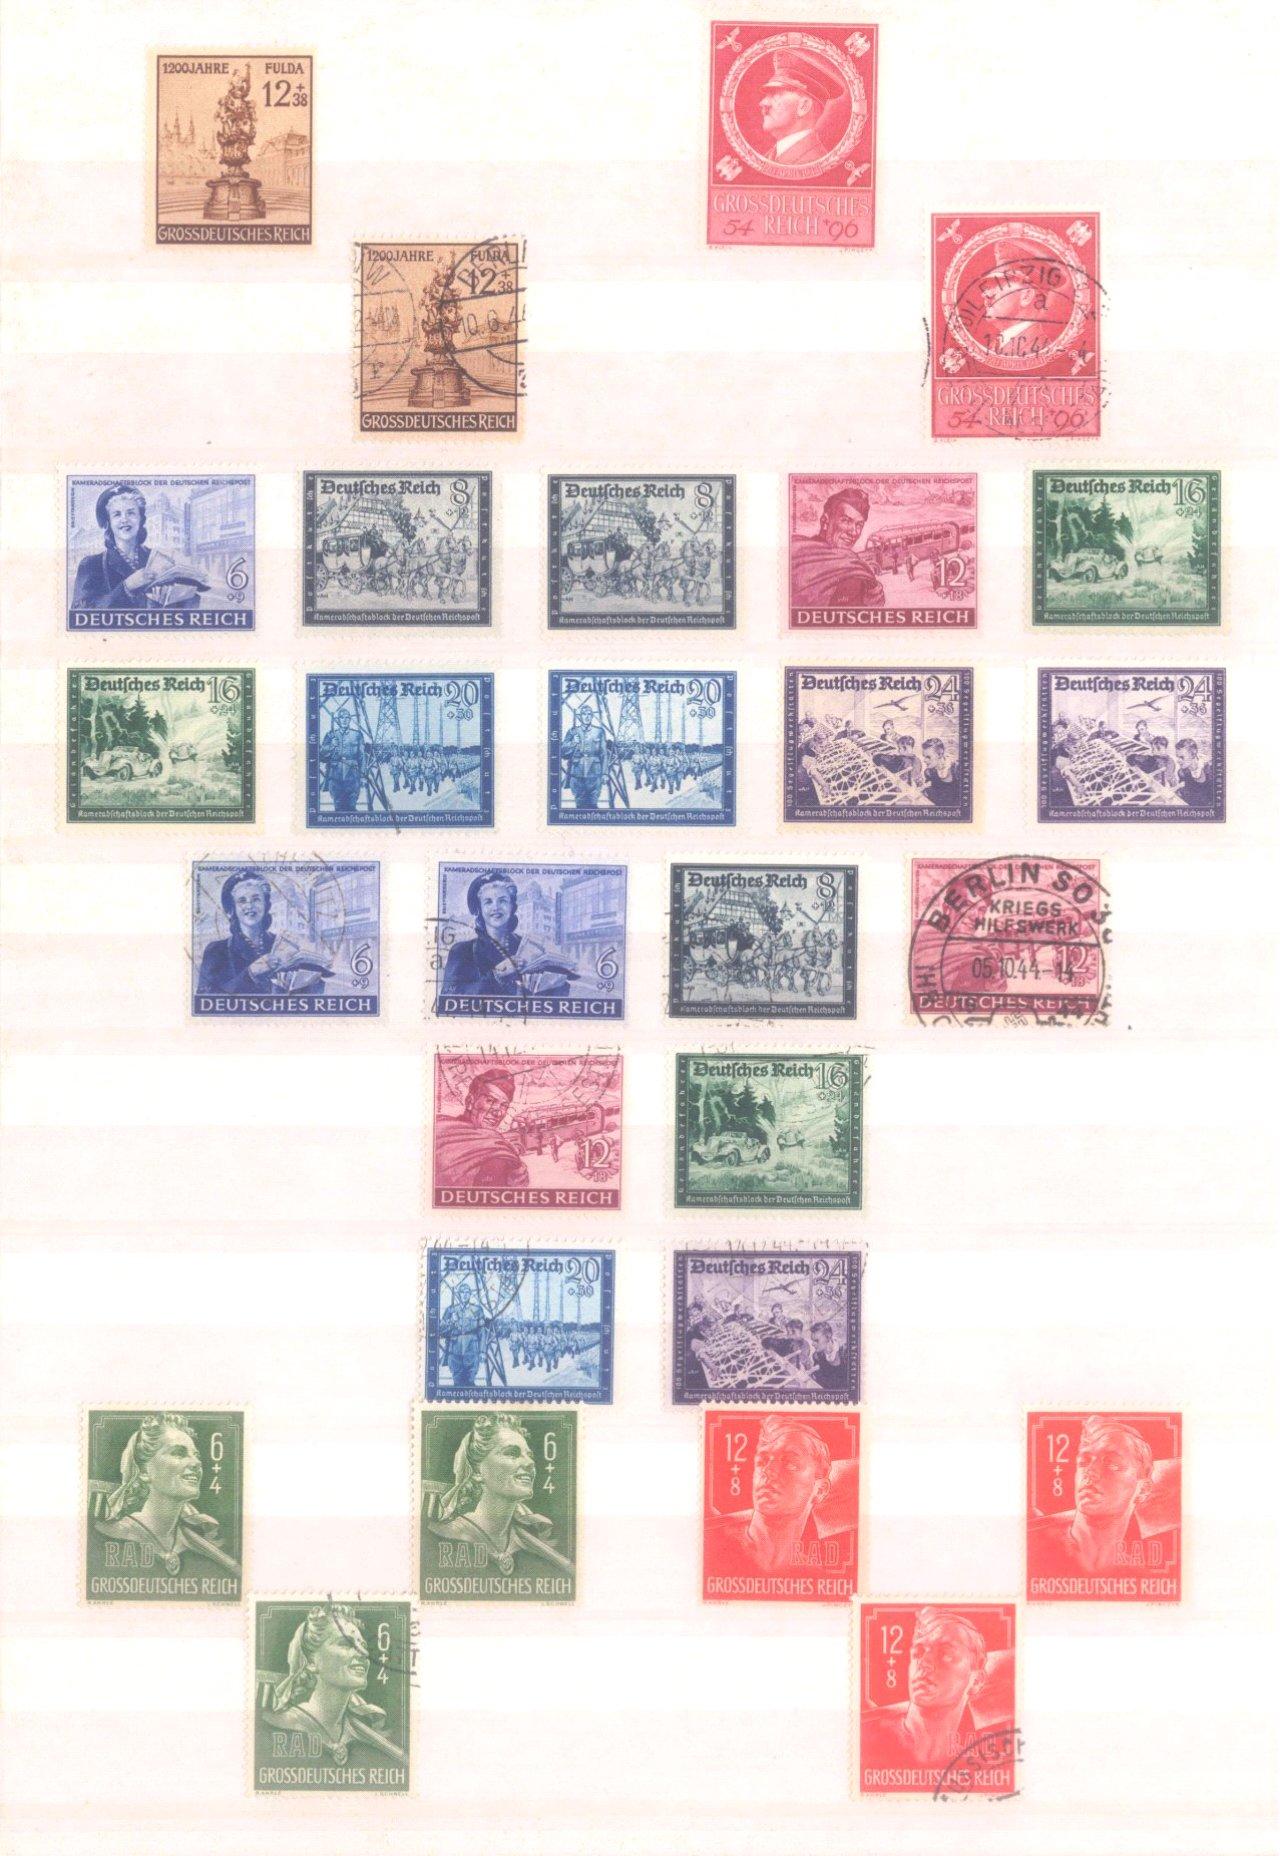 Sammlung Deutsches Reich in 2 Alben, 1933-1945-28